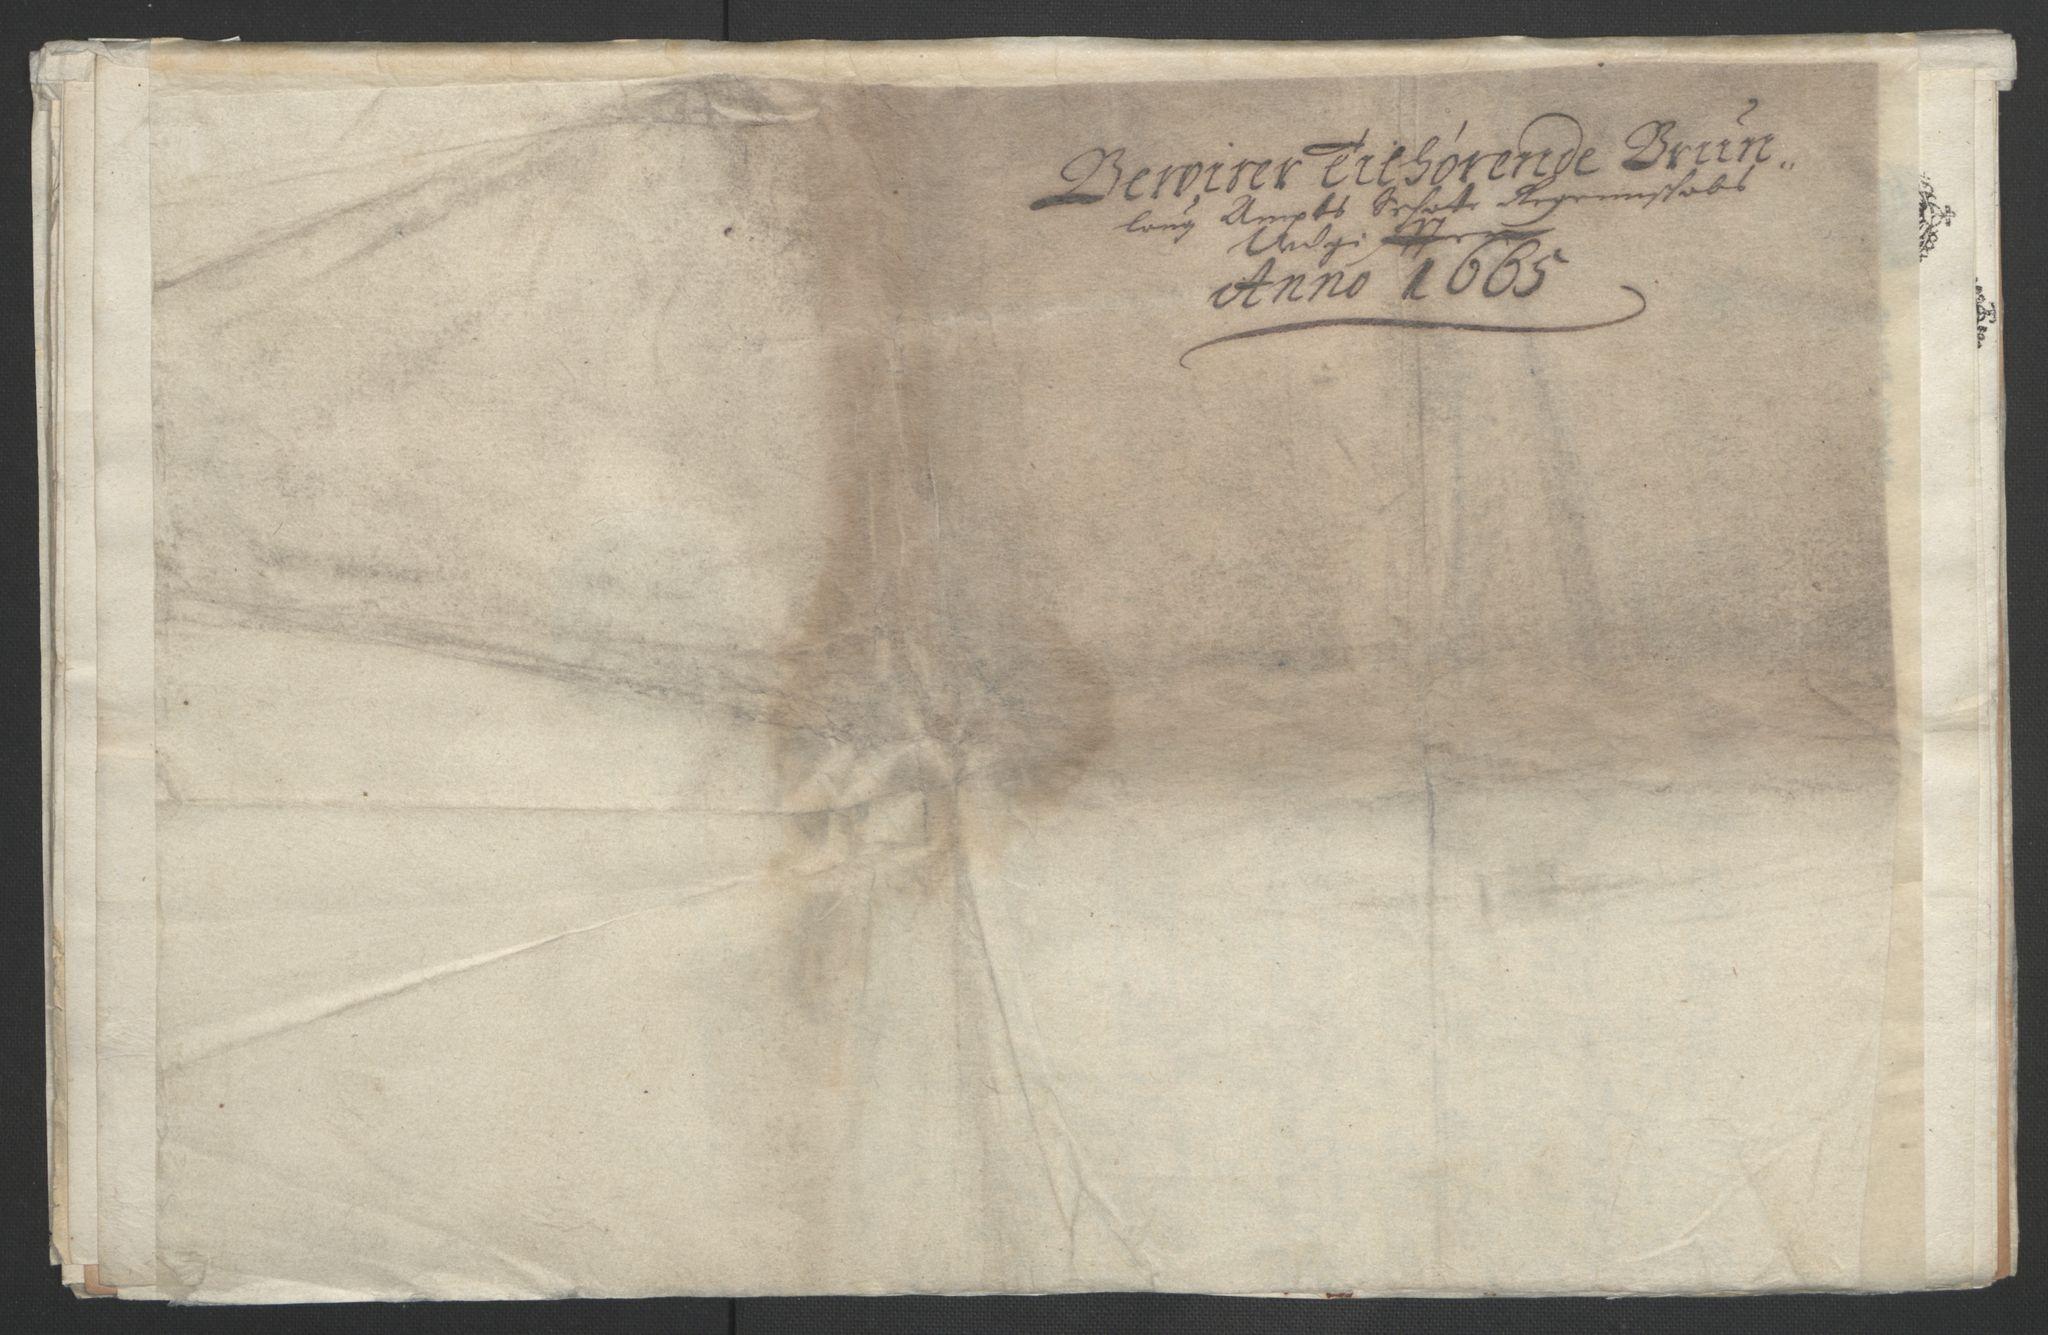 RA, Rentekammeret inntil 1814, Reviderte regnskaper, Fogderegnskap, R33/L1964: Fogderegnskap Larvik grevskap, 1665-1668, s. 3